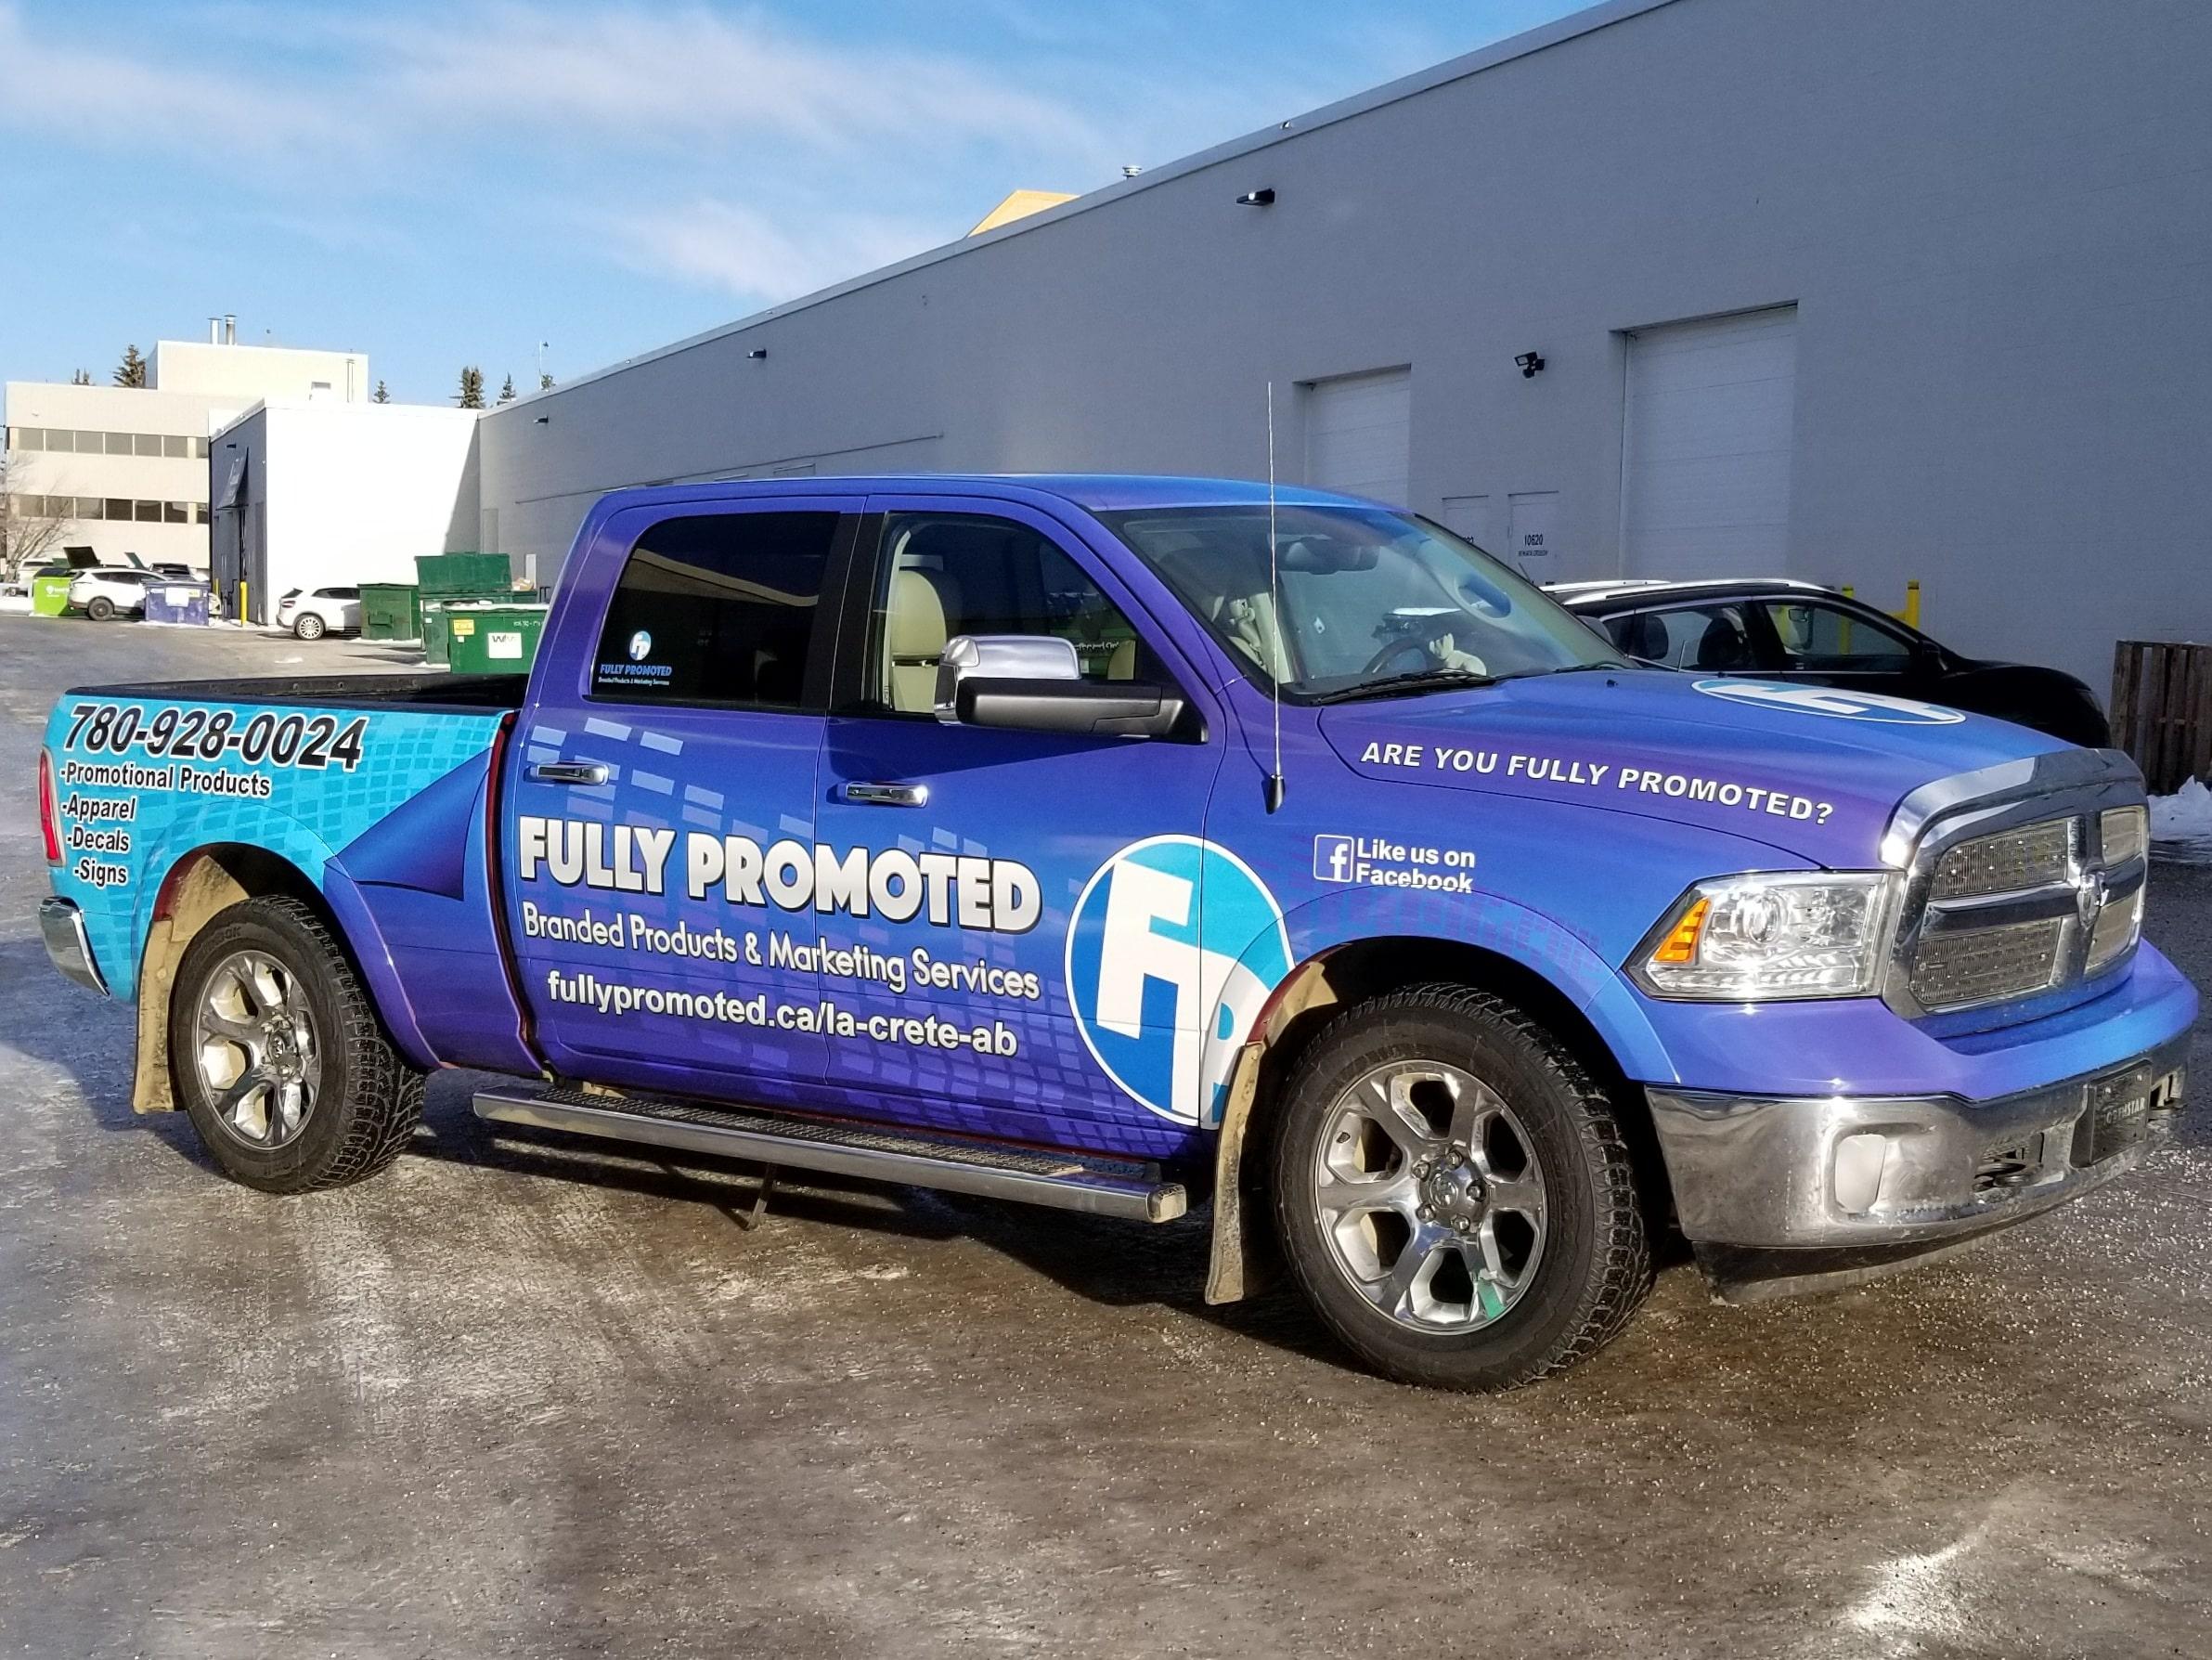 Fully Promoted full vehicle wrap.